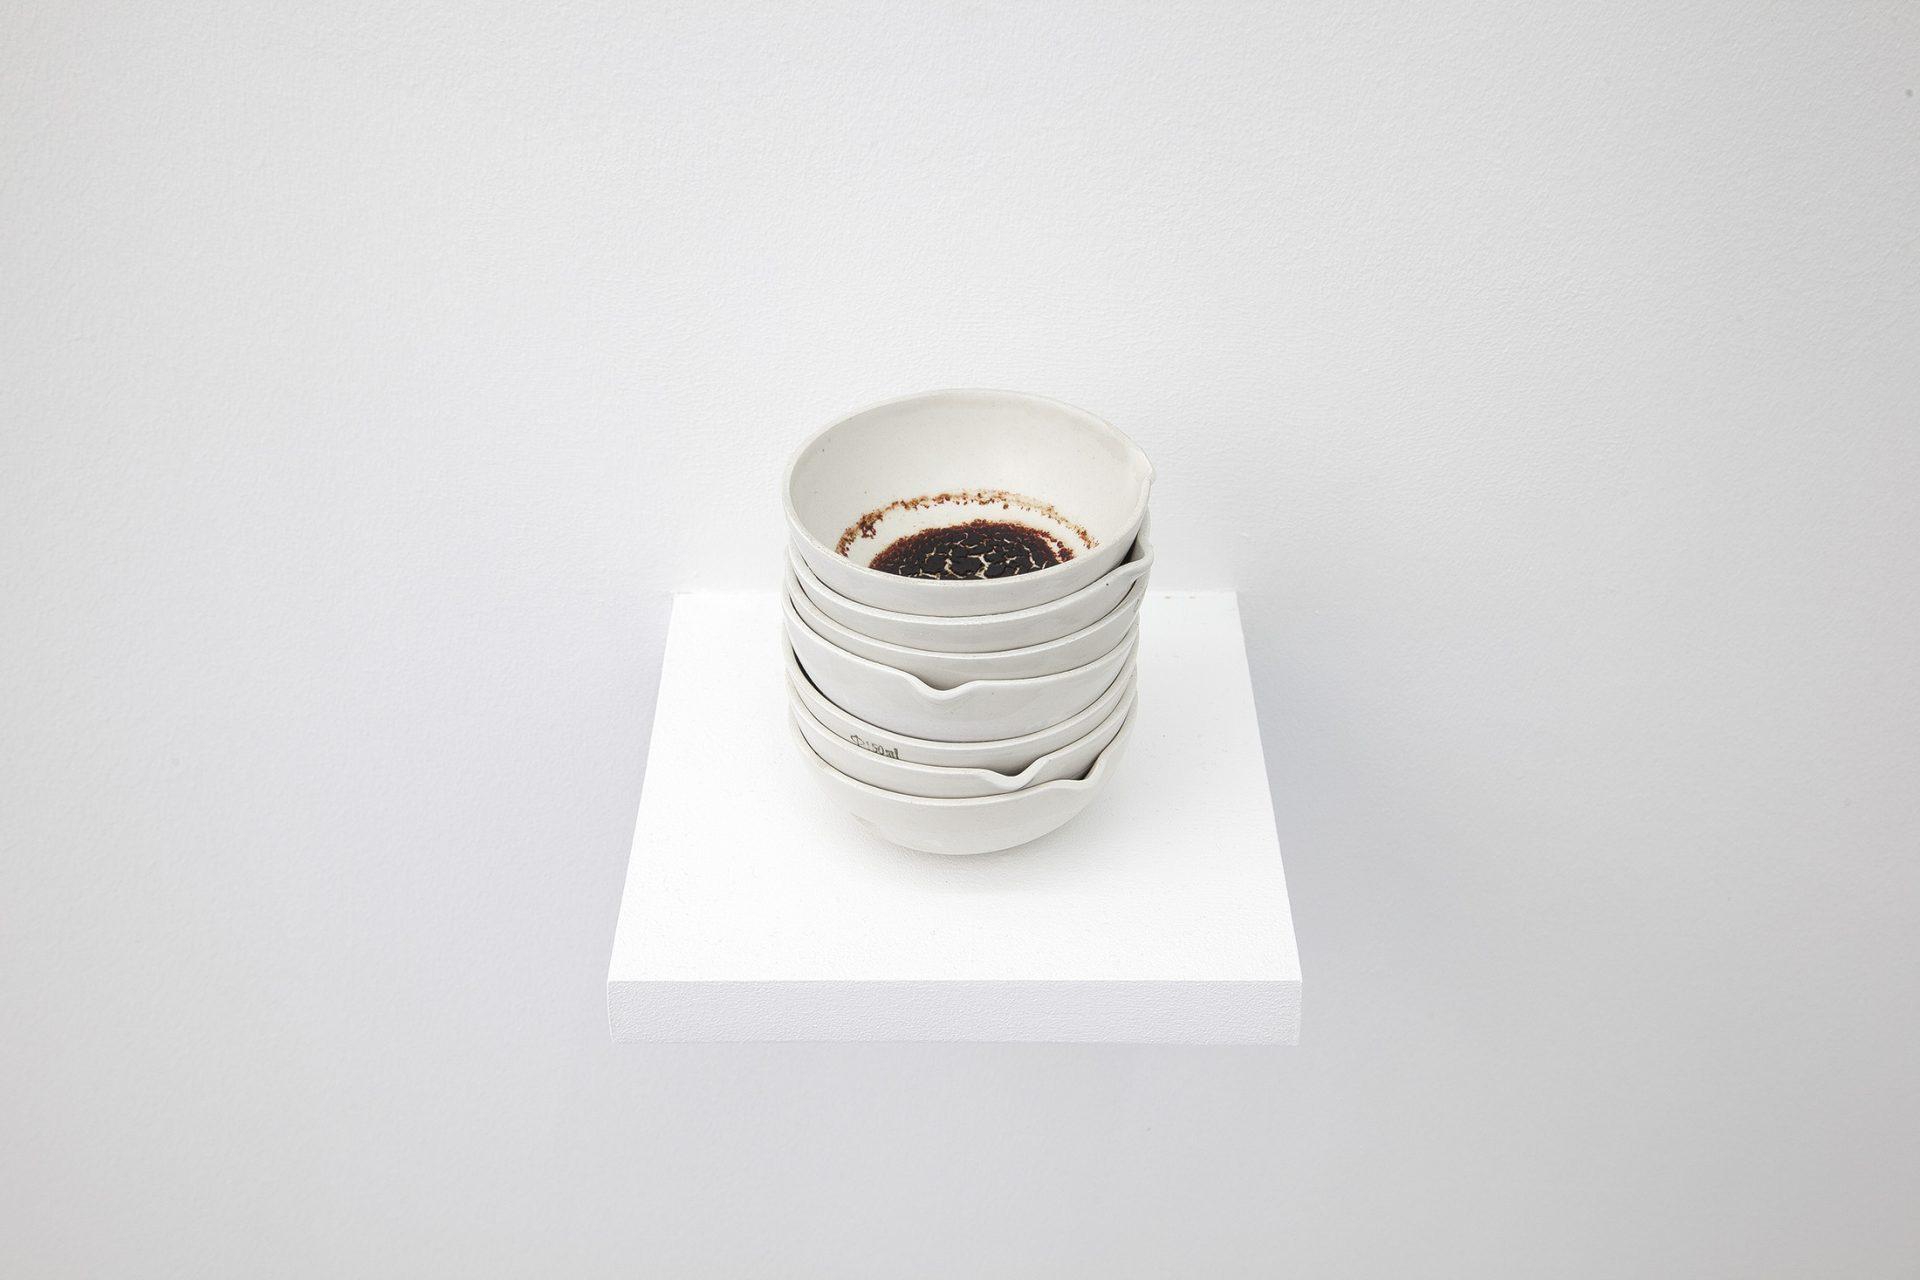 """Ella Littwitz, """"Krwawy deszcz"""", 2018 7 naczyń laboratoryjnych, algi, 12 × 10,5 × 10,5 cm dzięki uprzejmości Harlan Levey Projects (materiały prasowe organizatora)"""